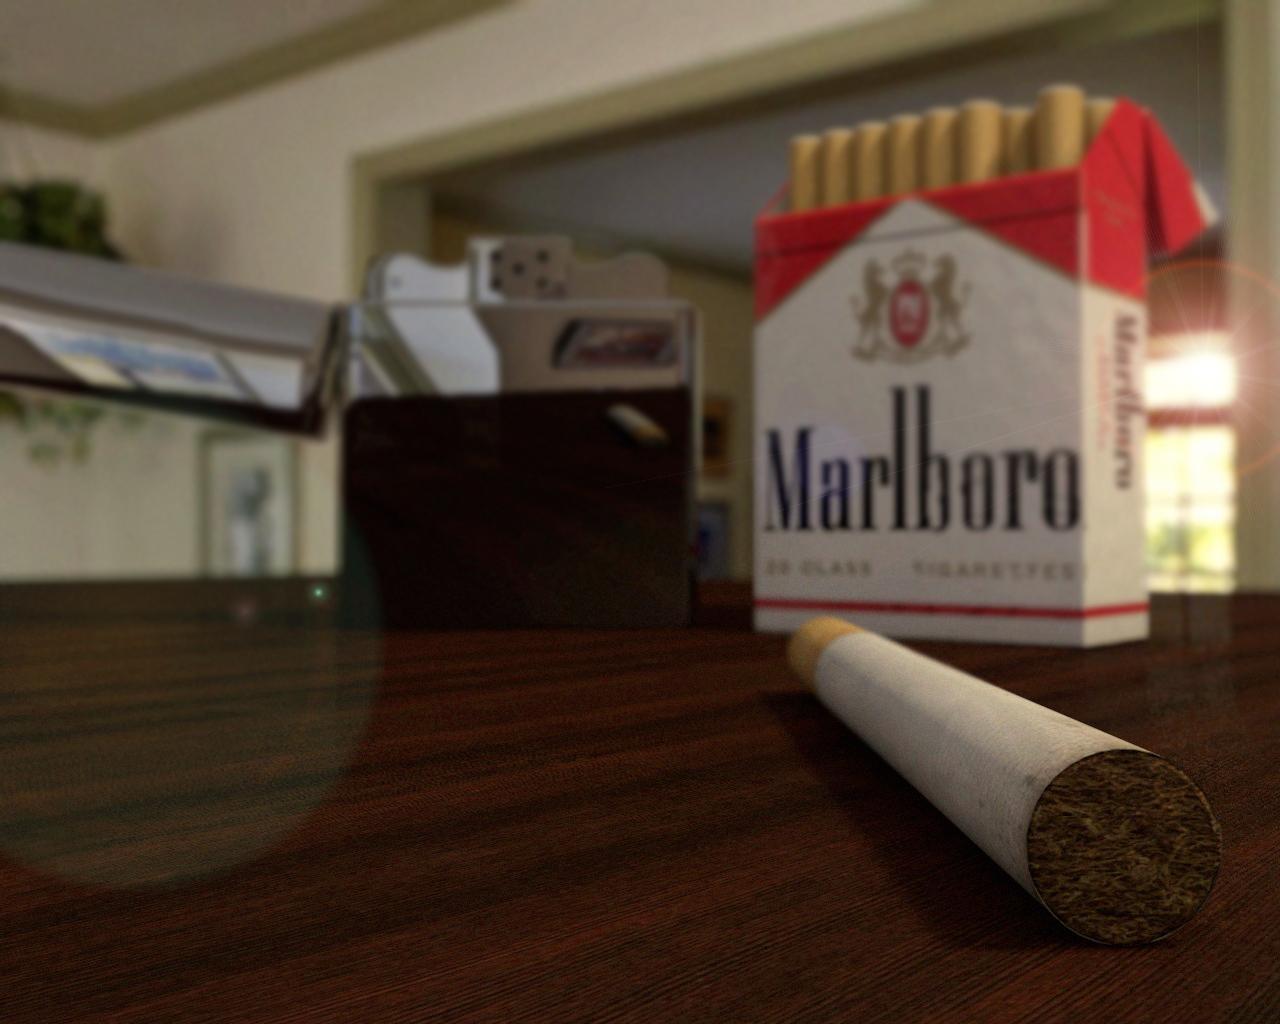 Marlboro Cigarette By Amitwati